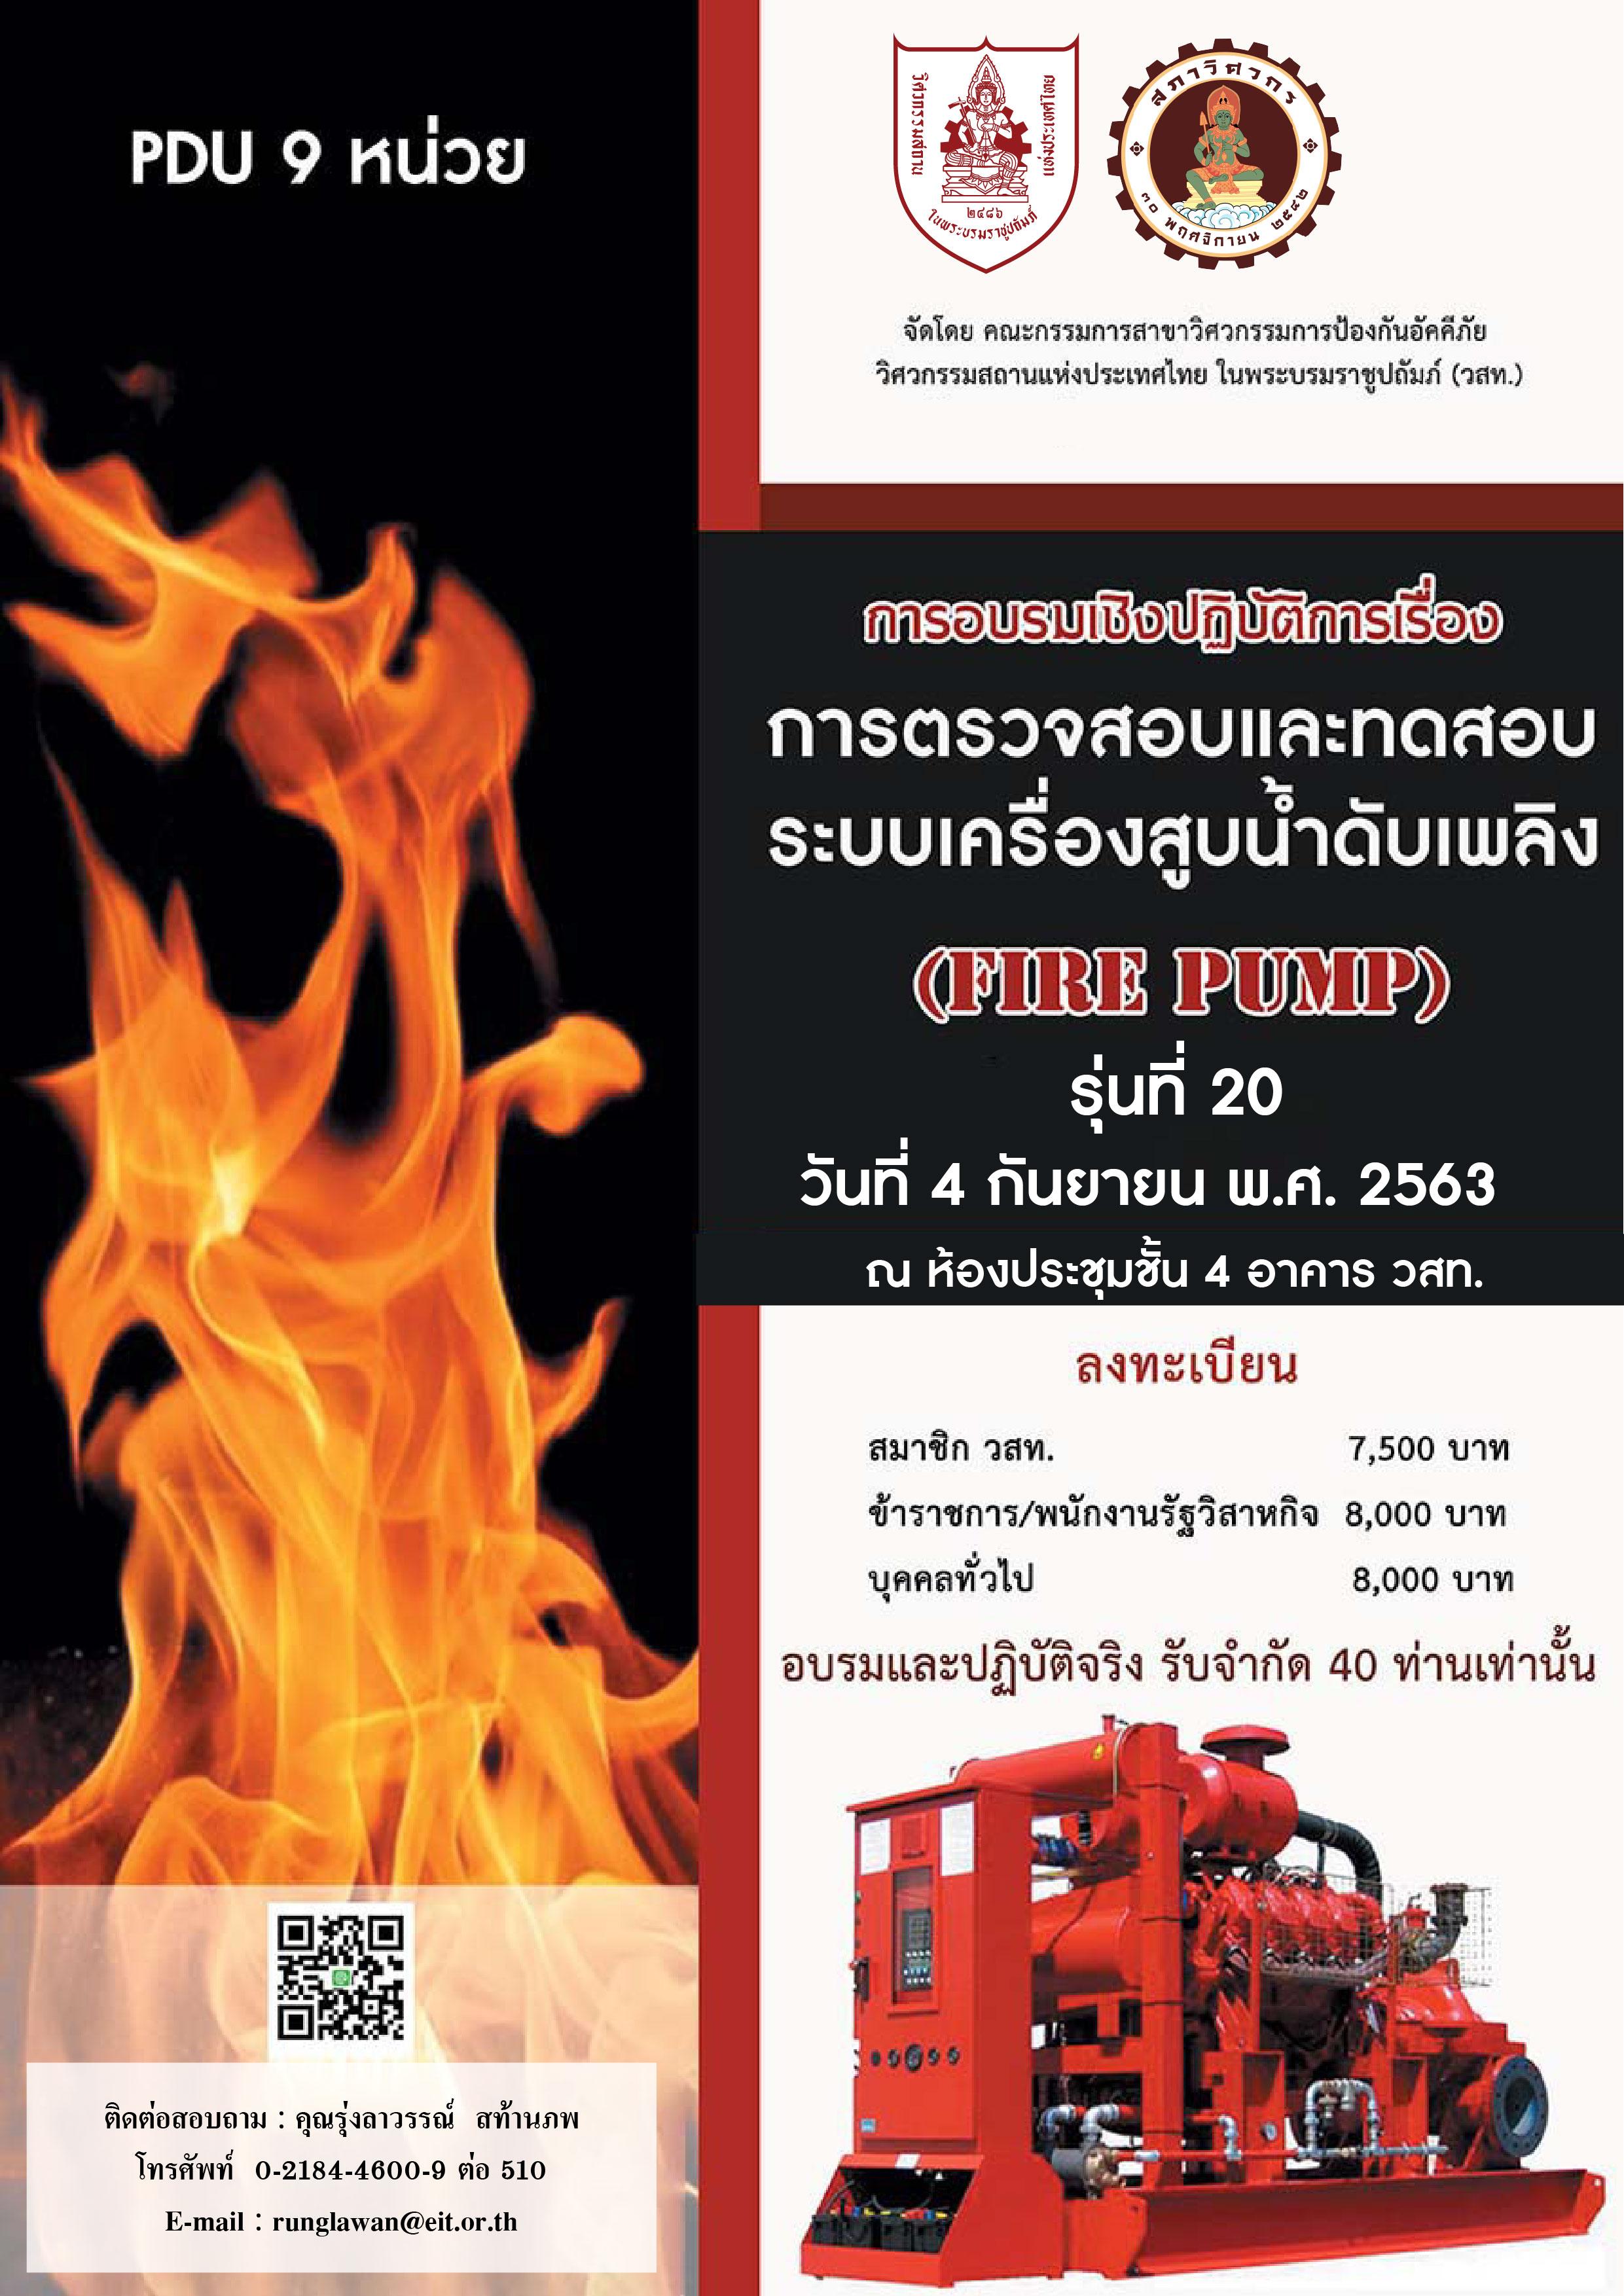 04/09/2563การอบรมเชิงปฏิบัติการเรื่อง การตรวจสอบและทดสอบระบบเครื่องสูบน้ำดับเพลิง (Fire Pump) (ภาคทฤษฎี และภาคปฏิบัติ) รุ่นที่ 20